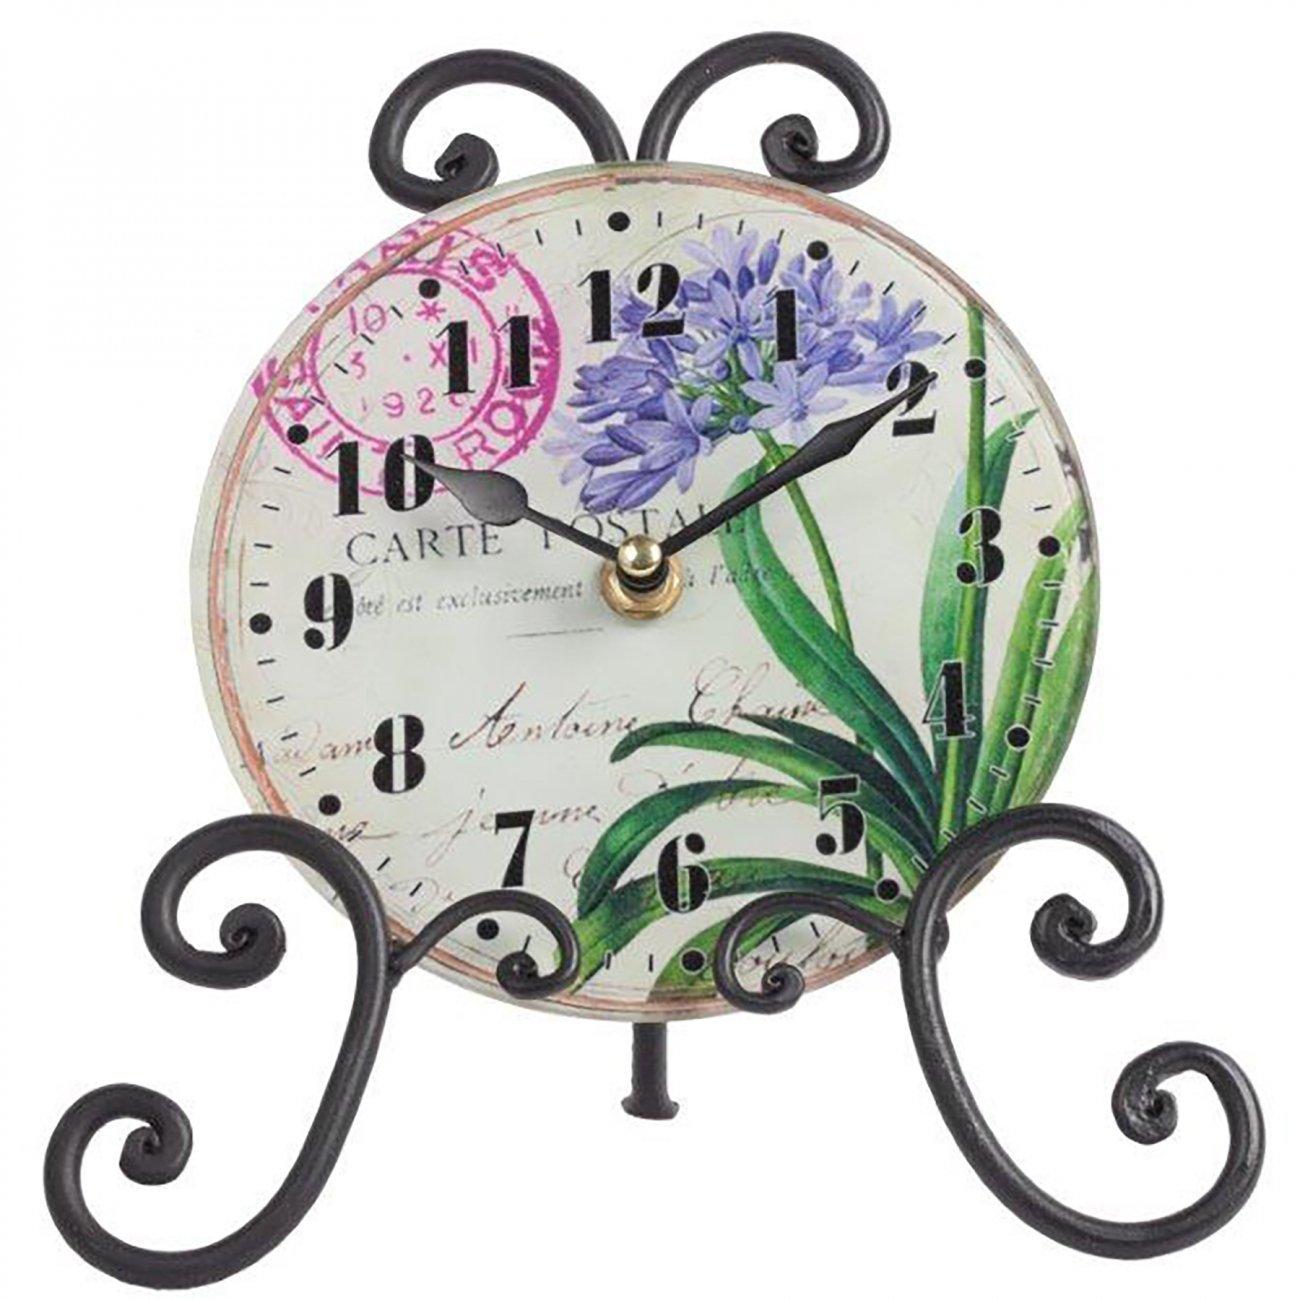 Купить Часы на подставке Lilia в интернет магазине дизайнерской мебели и аксессуаров для дома и дачи